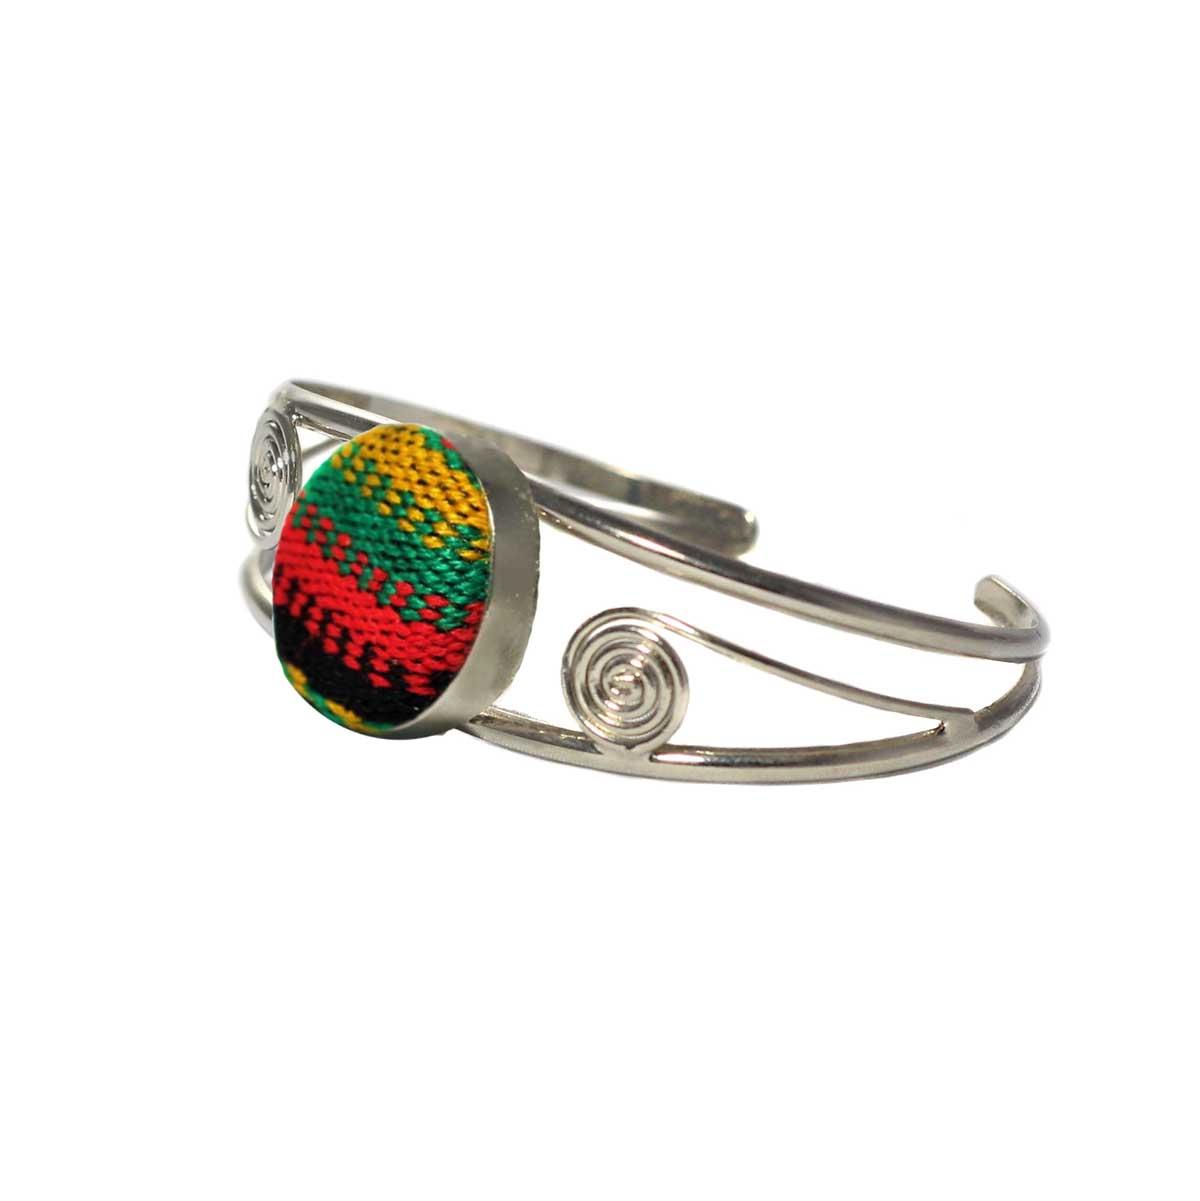 Inka-Products-Bracelet en Métal Argenté Péruvien-Tissu Traditionnel Andin Coloré-2